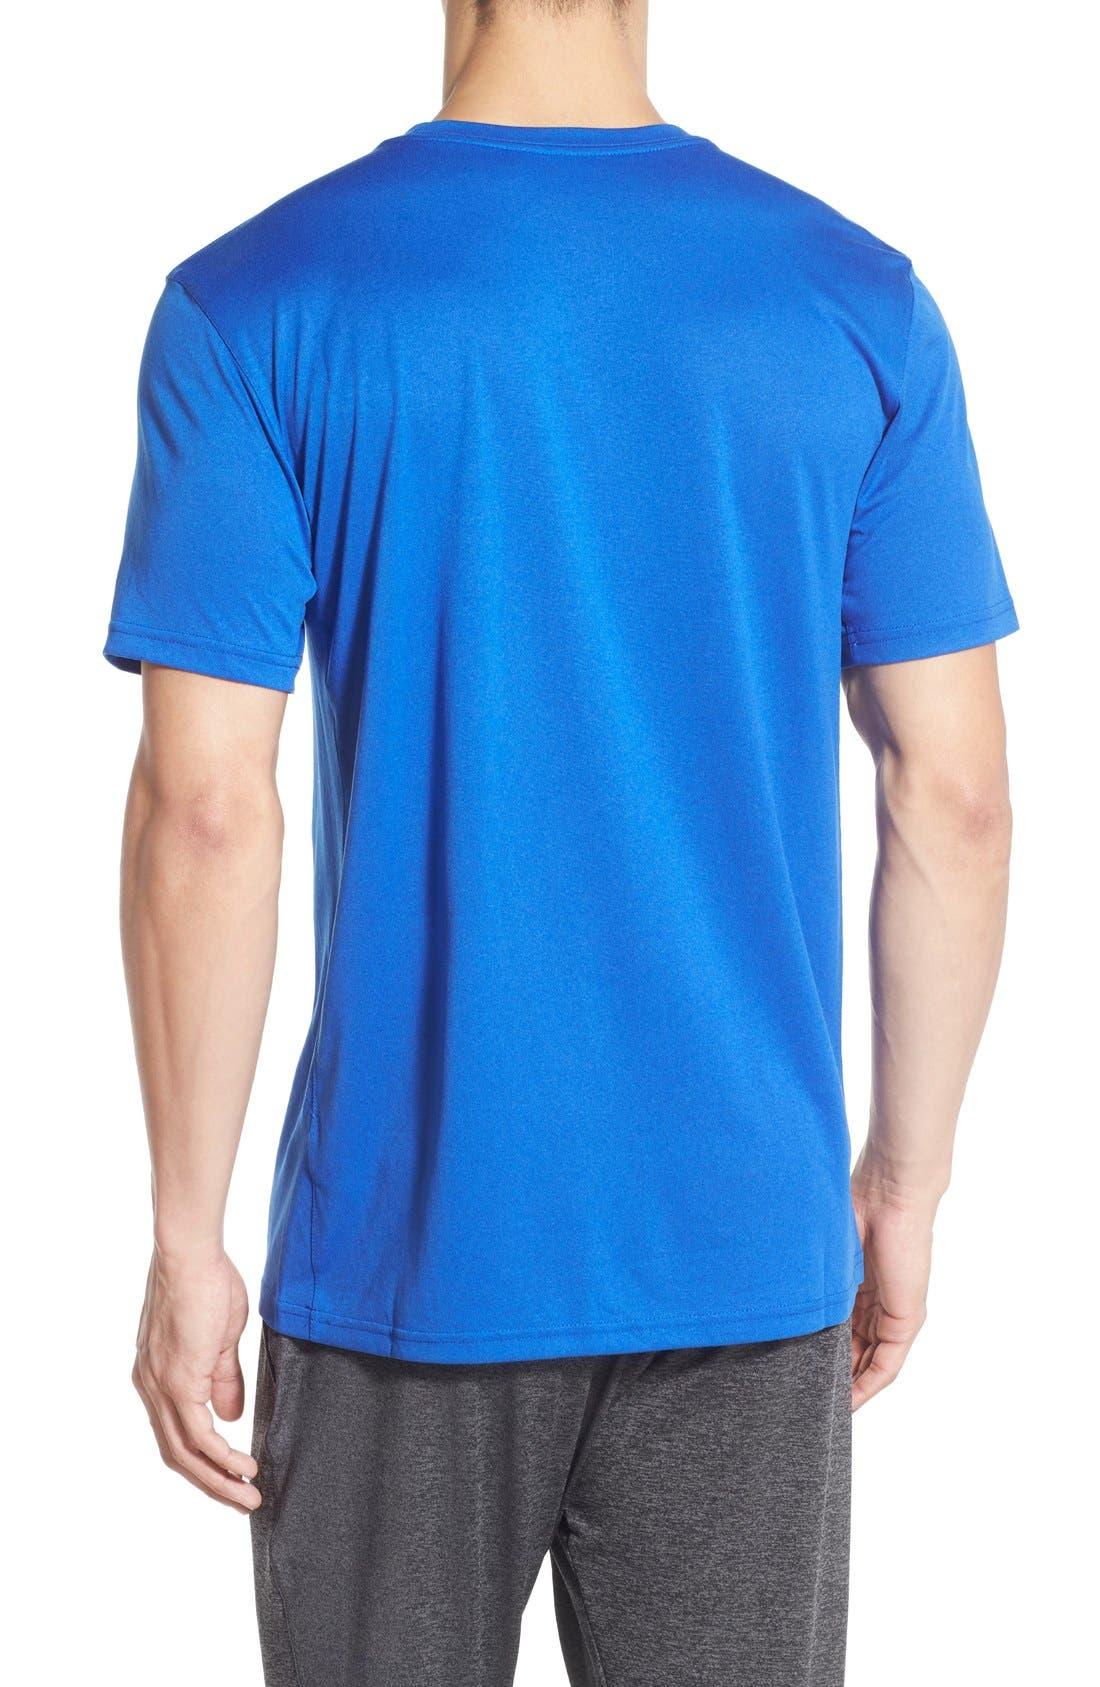 'Legend 2.0' Dri-FIT Training T-Shirt,                             Alternate thumbnail 8, color,                             GAME ROYAL/ BLACK/ BLACK